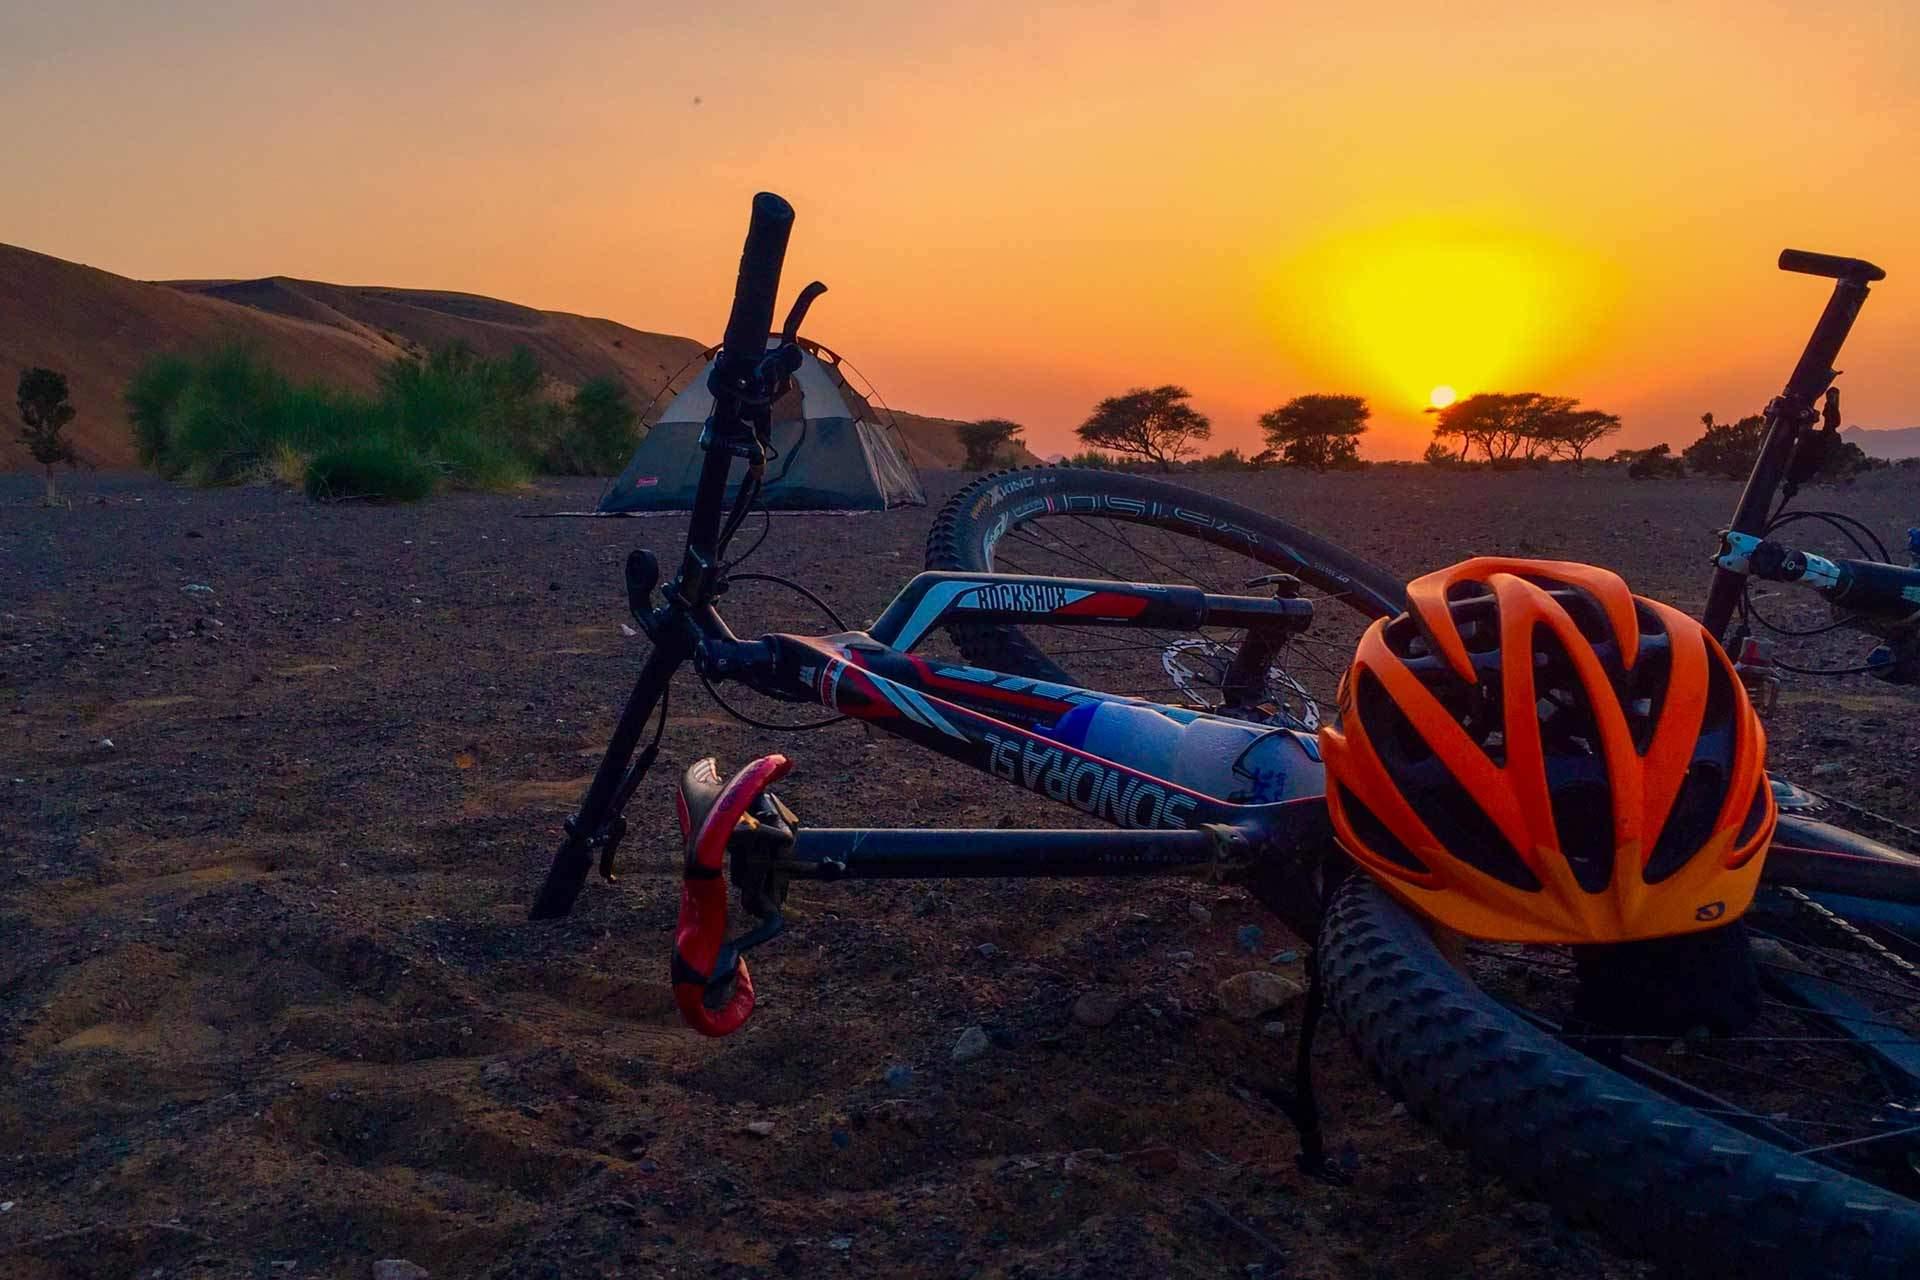 Ein Bike mit Helm und Zelt während einer Sonnenuntergangs im Oman